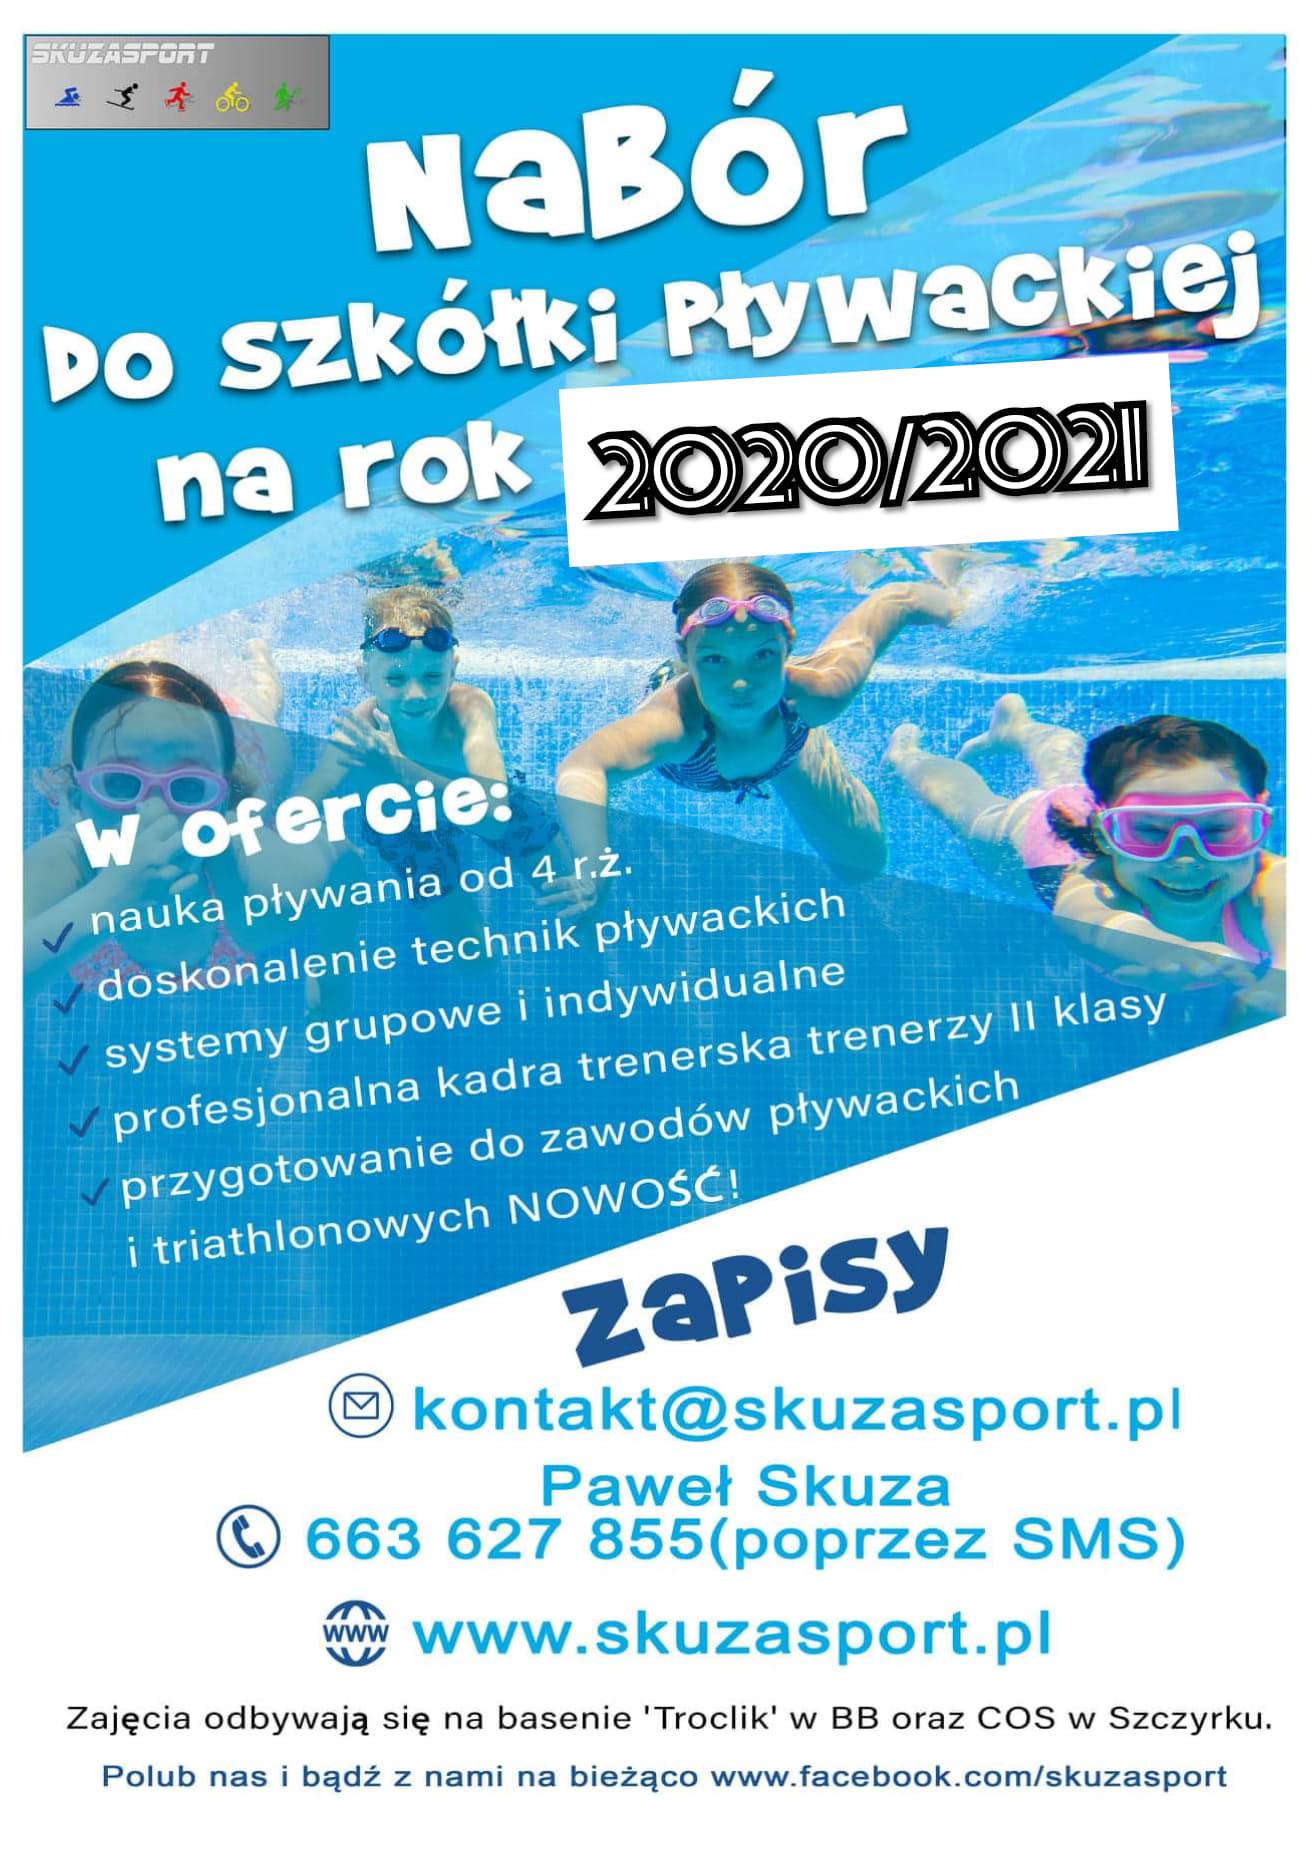 Nabór do szkółki pływackiej na rok 2020/2021